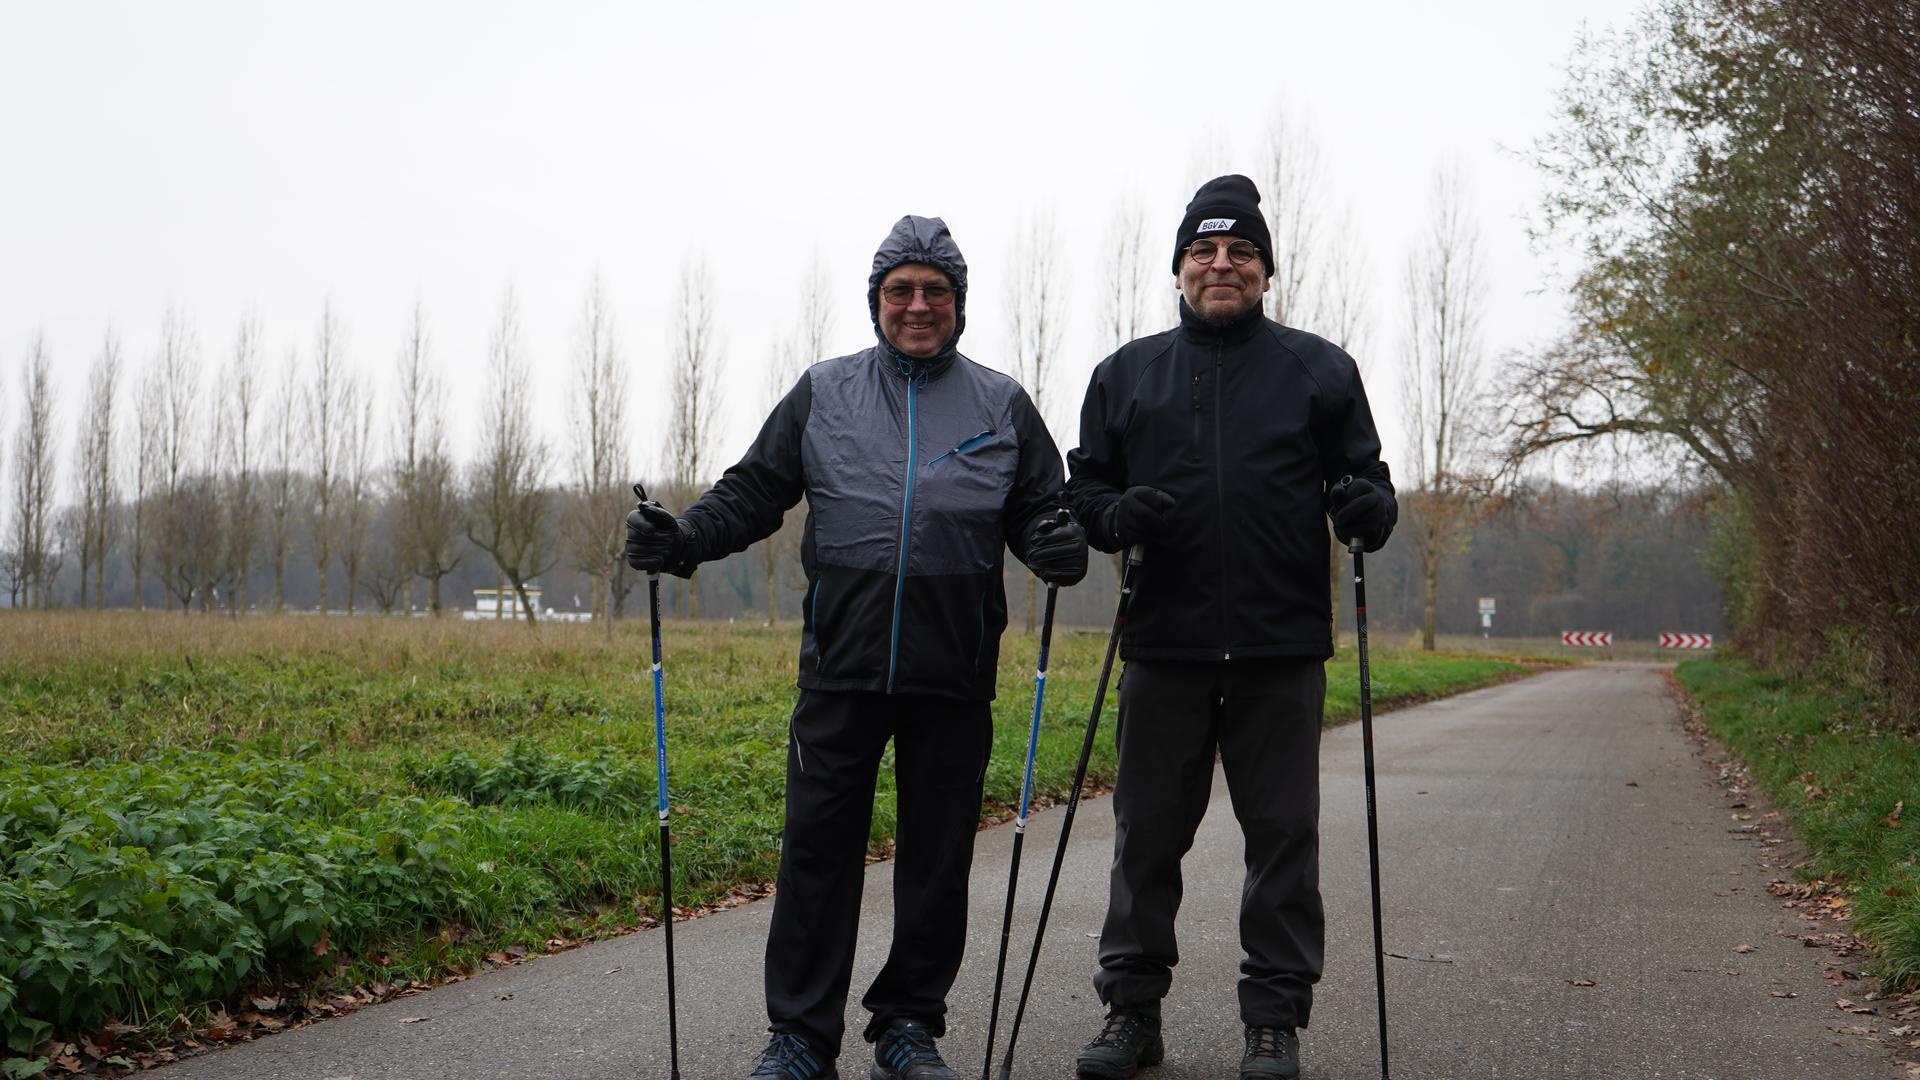 Zwei Männer auf der Straße mit Nordic-Walking-Stöcken